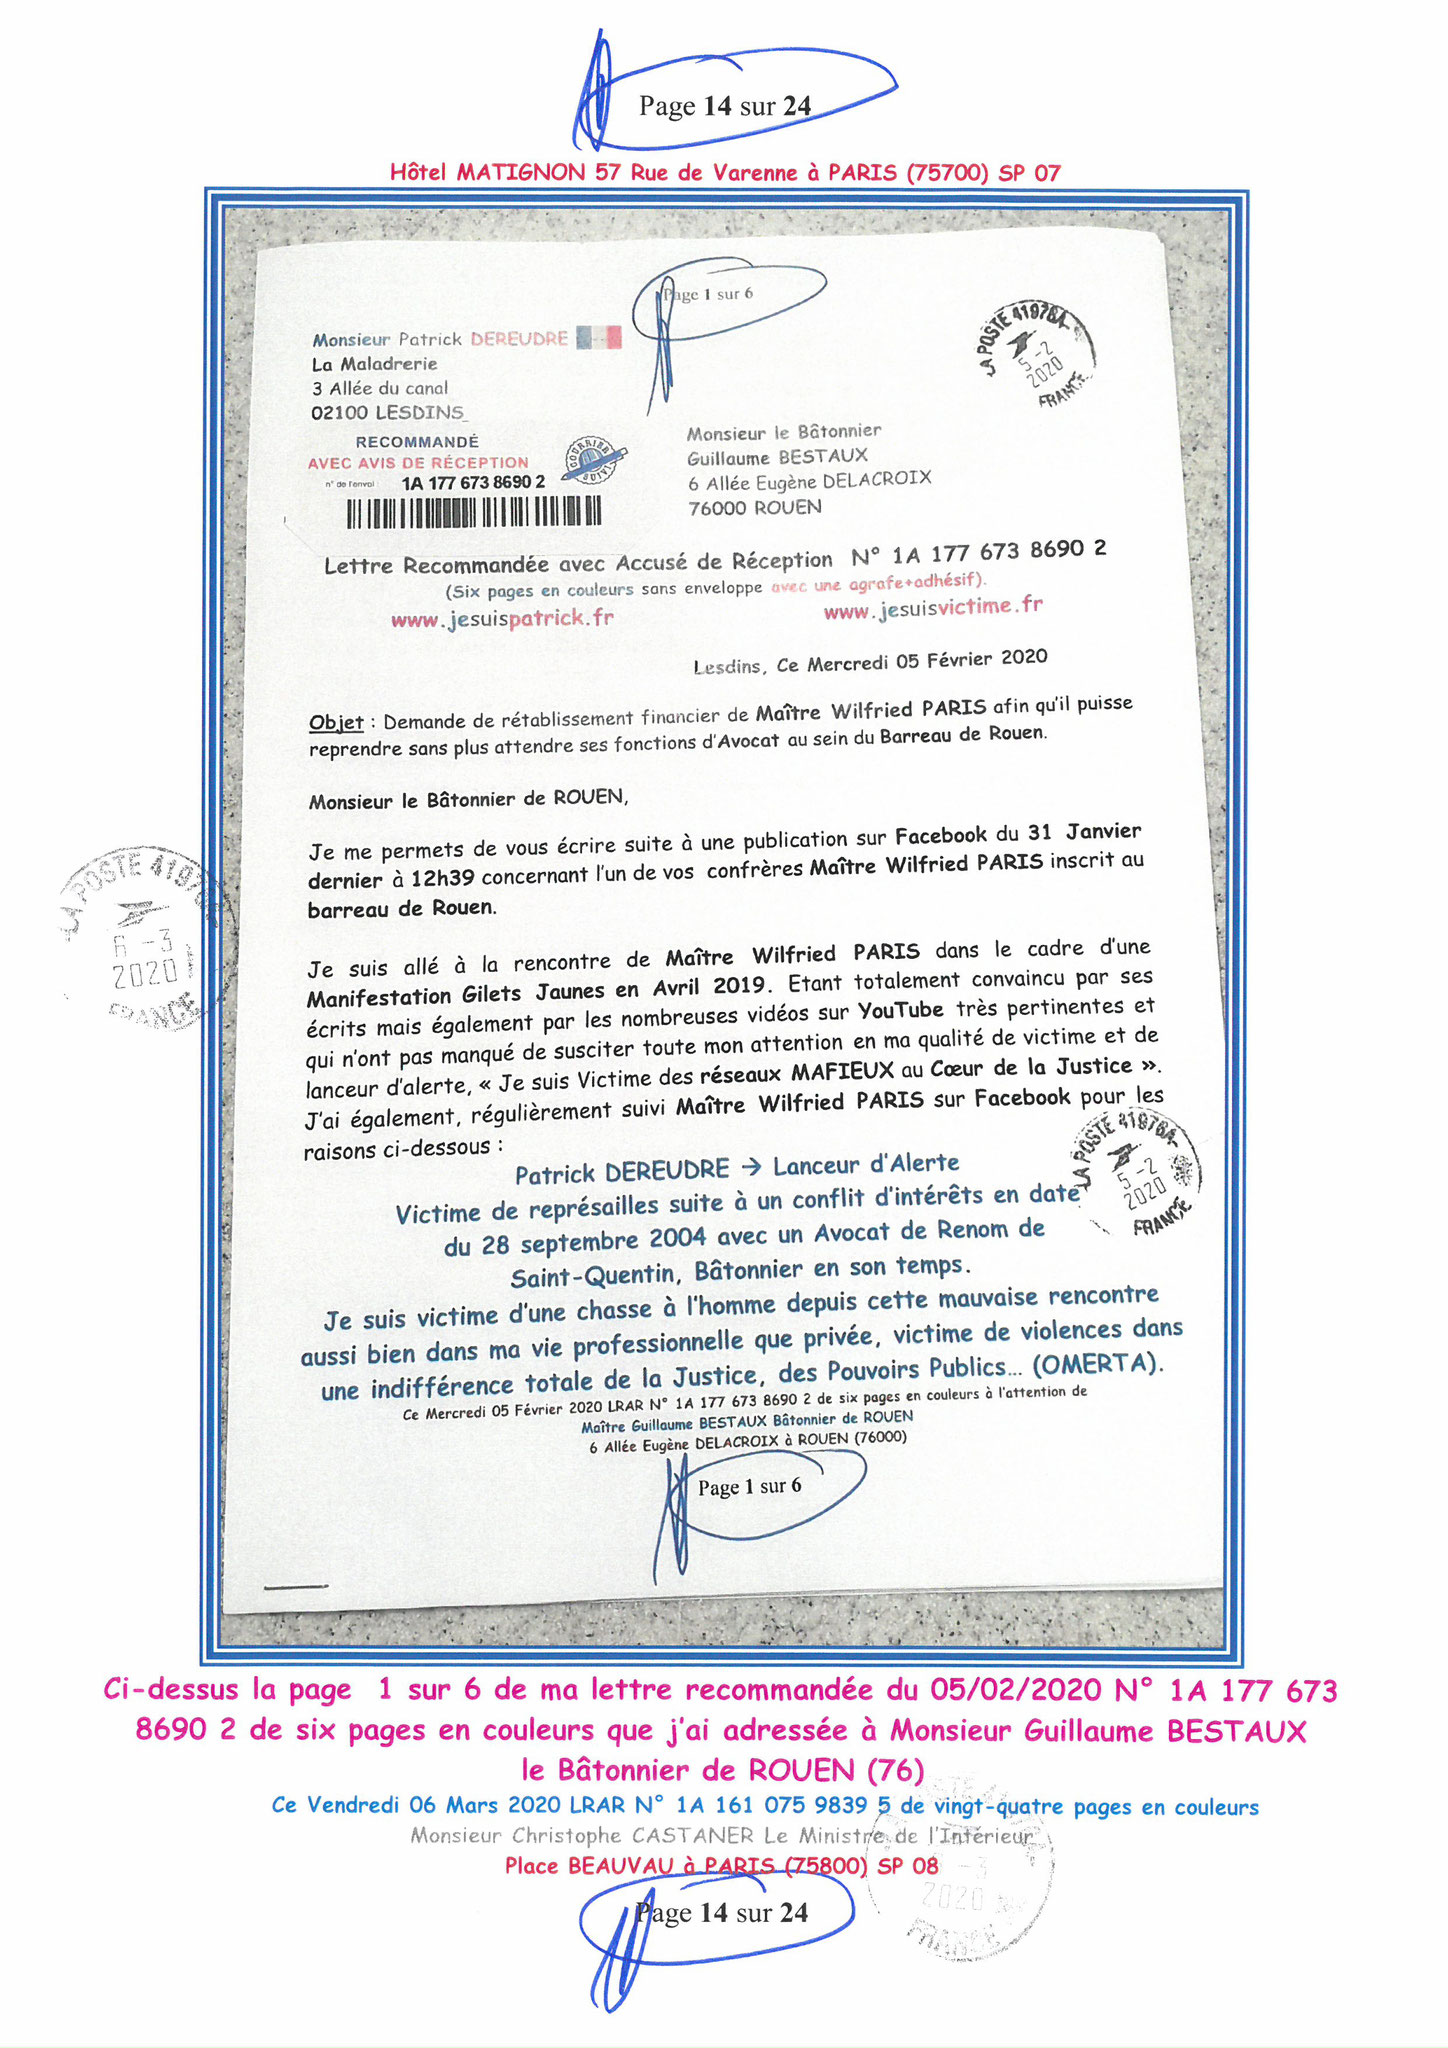 Ma LRAR à Monsieur le Ministre de l'Intérieur Christophe CASTANER N°1A 161 075 9839 5  Page 14 sur 24 en couleur du 06 Mars 2020  www.jesuispatrick.fr www.jesuisvictime.fr www.alerte-rouge-france.fr